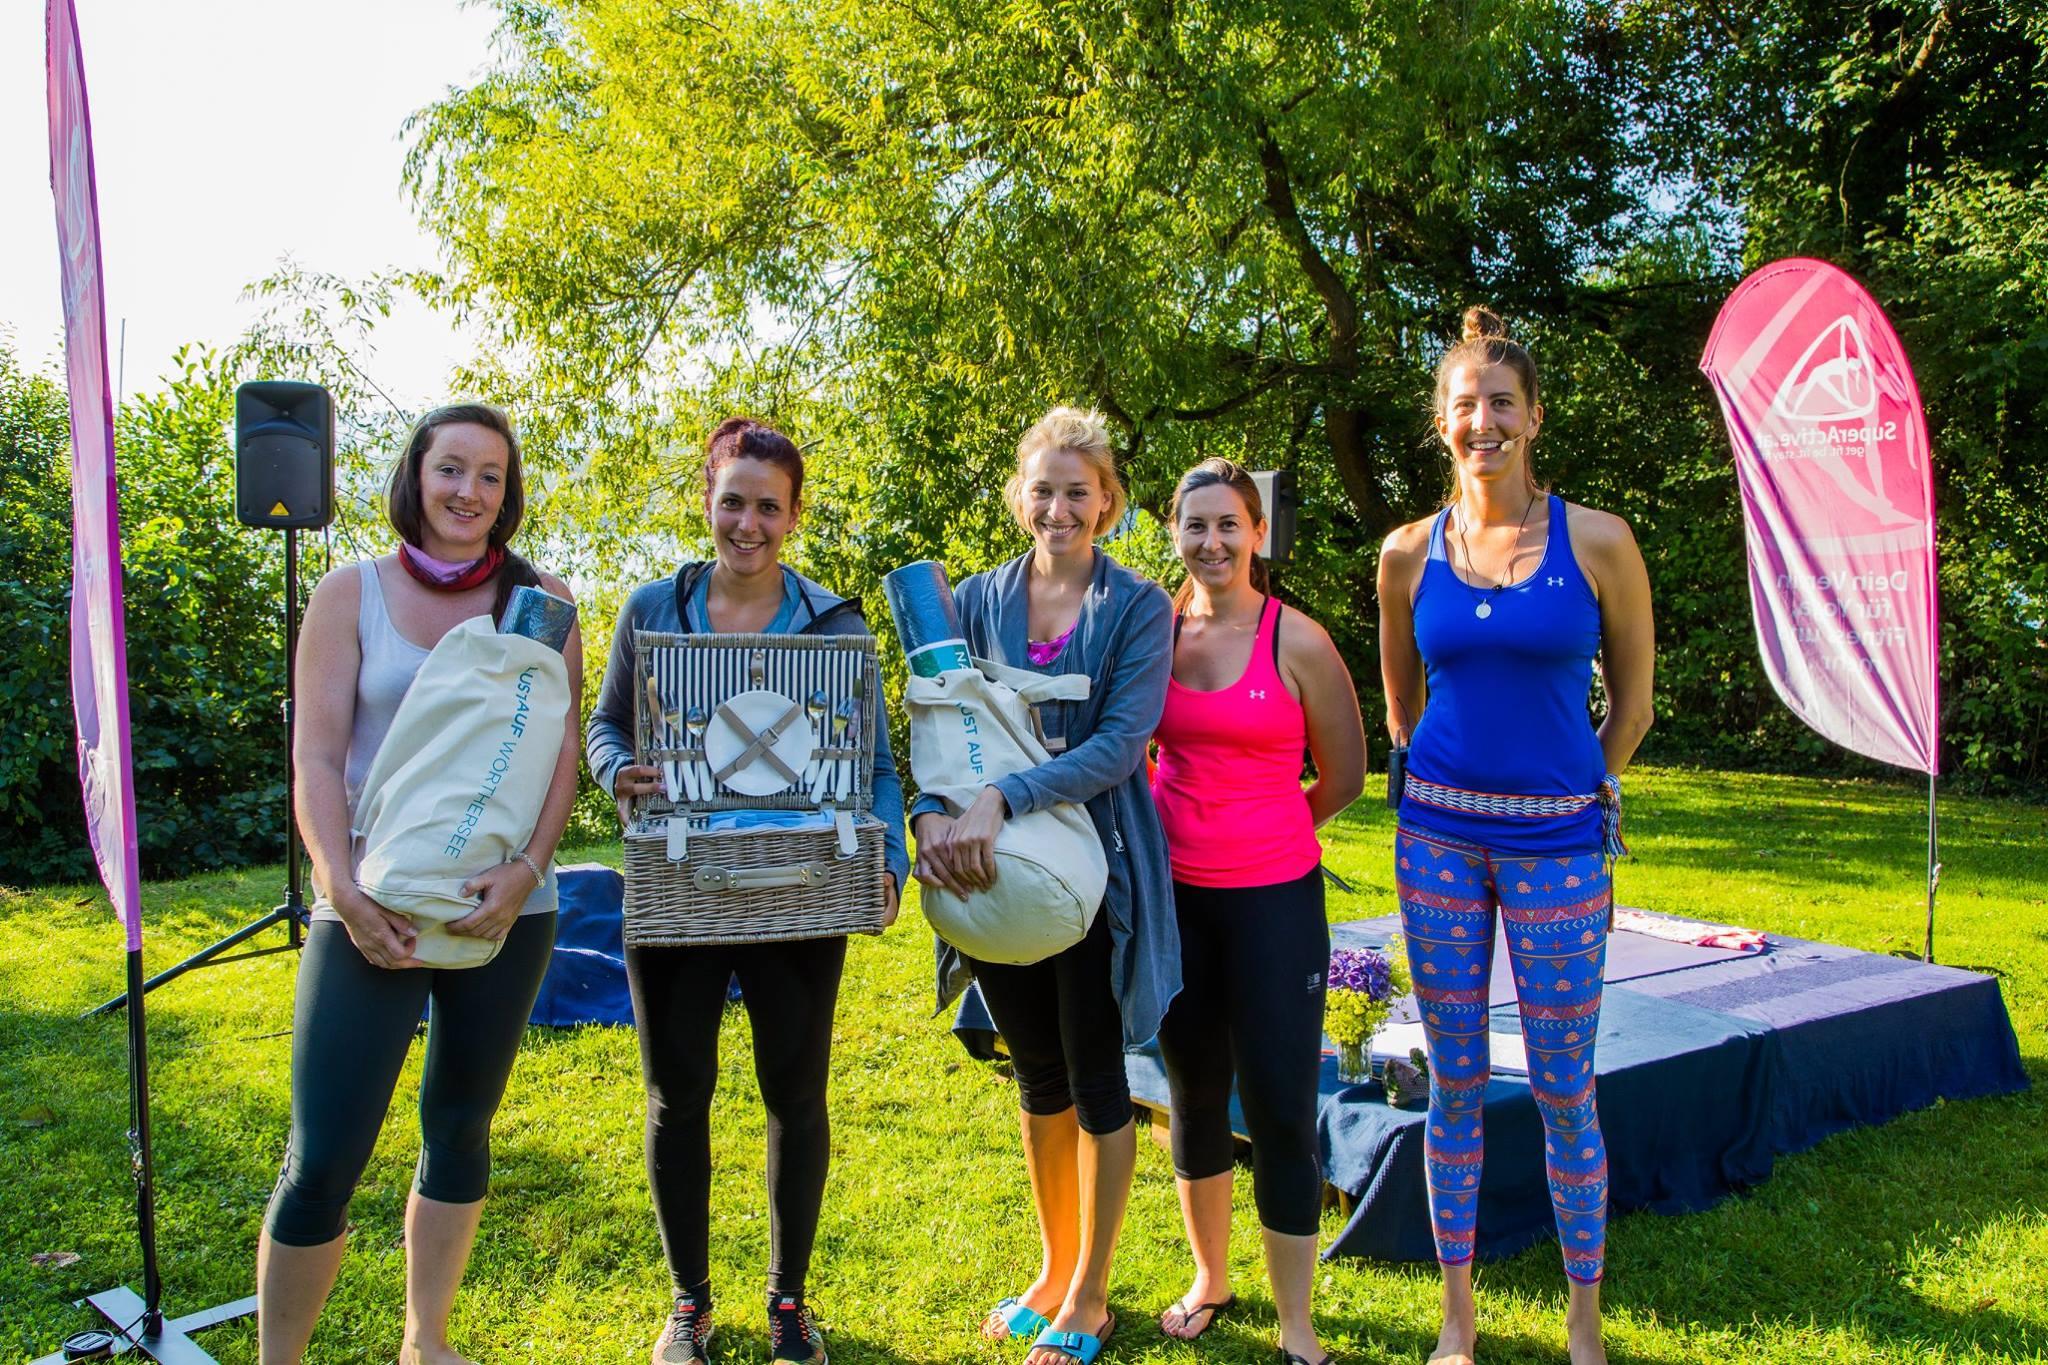 Superactive Gewinnerinnen - Danke Verival und Yoga am Wörthersee für die tollen Gewinne